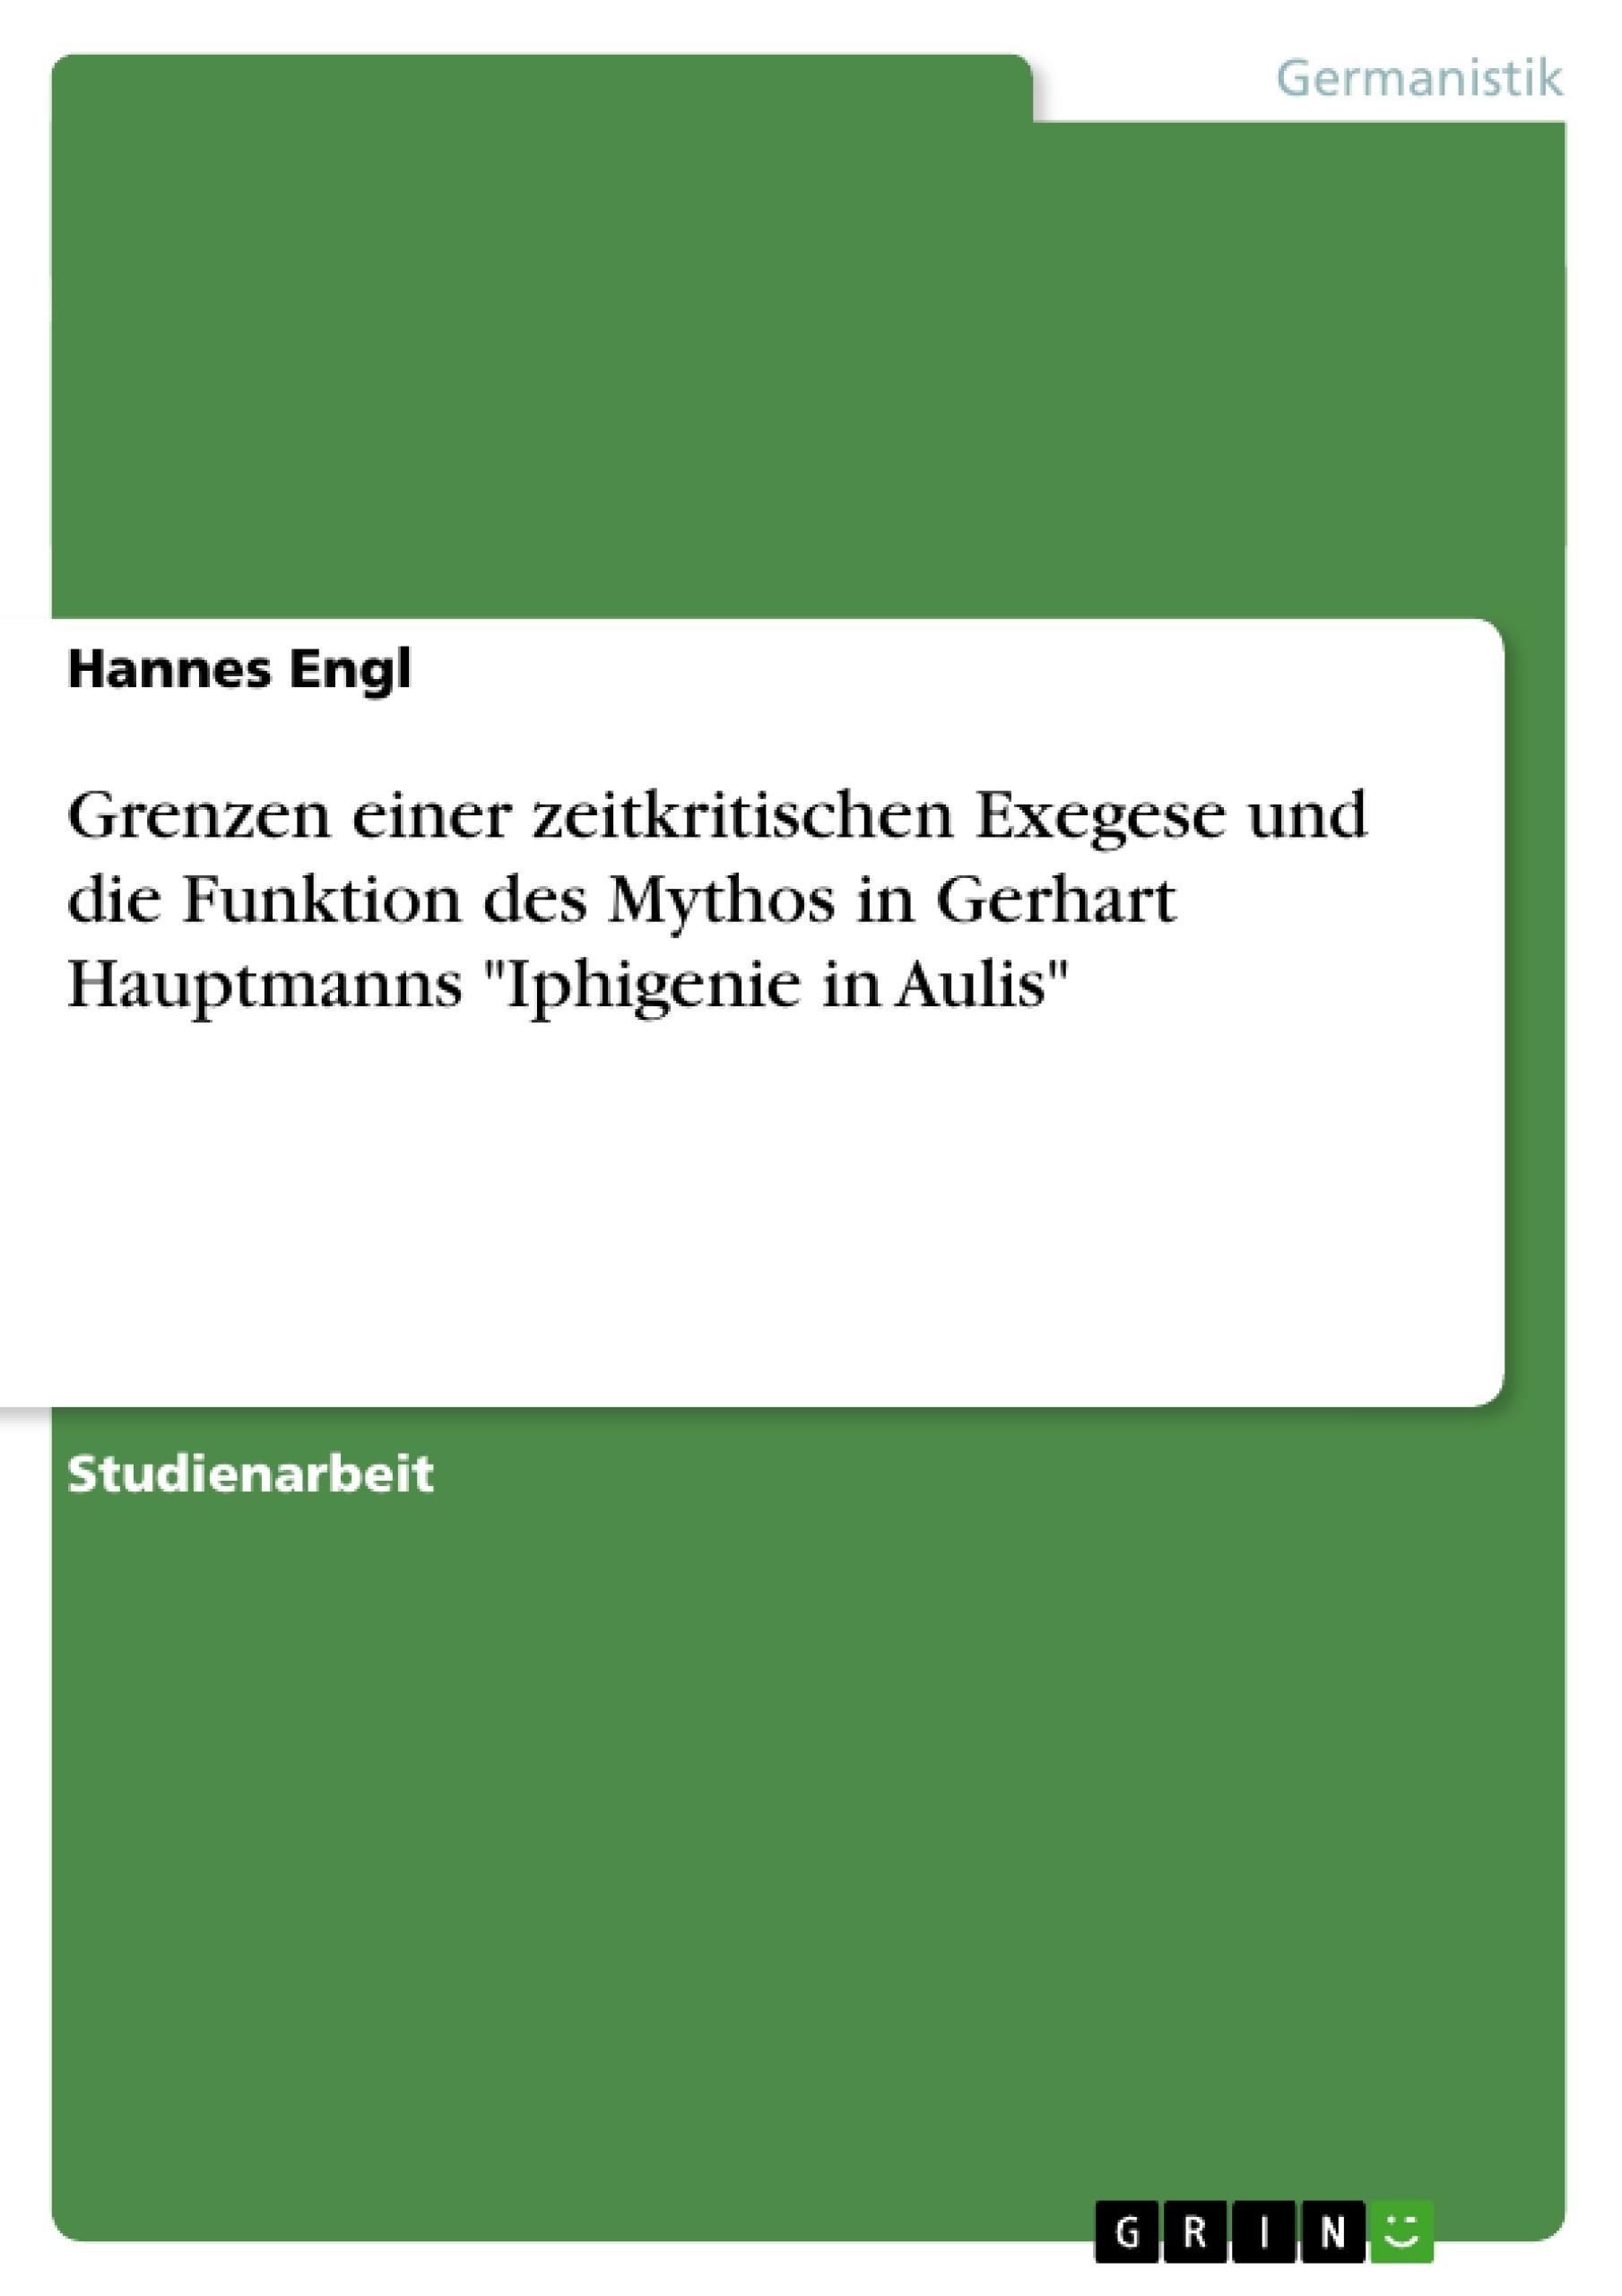 """Titel: Grenzen einer zeitkritischen Exegese und die Funktion des Mythos in Gerhart Hauptmanns """"Iphigenie in Aulis"""""""